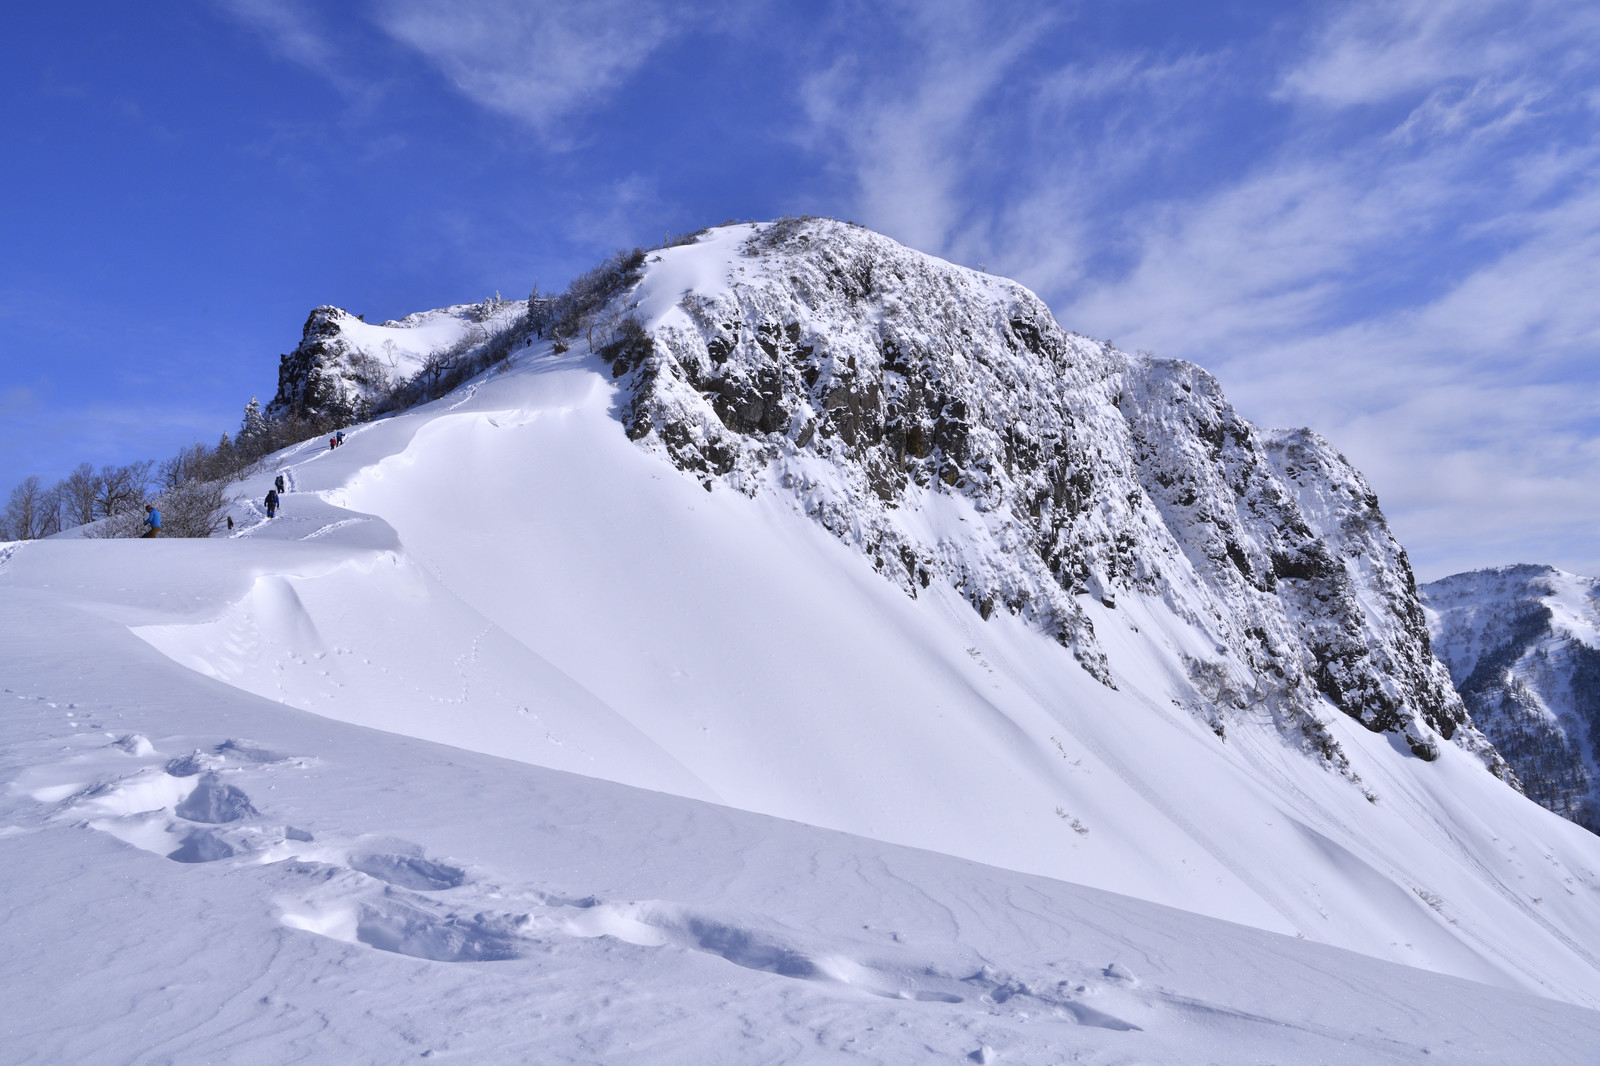 「冬の断崖絶壁に挑む登山者と足跡」の写真